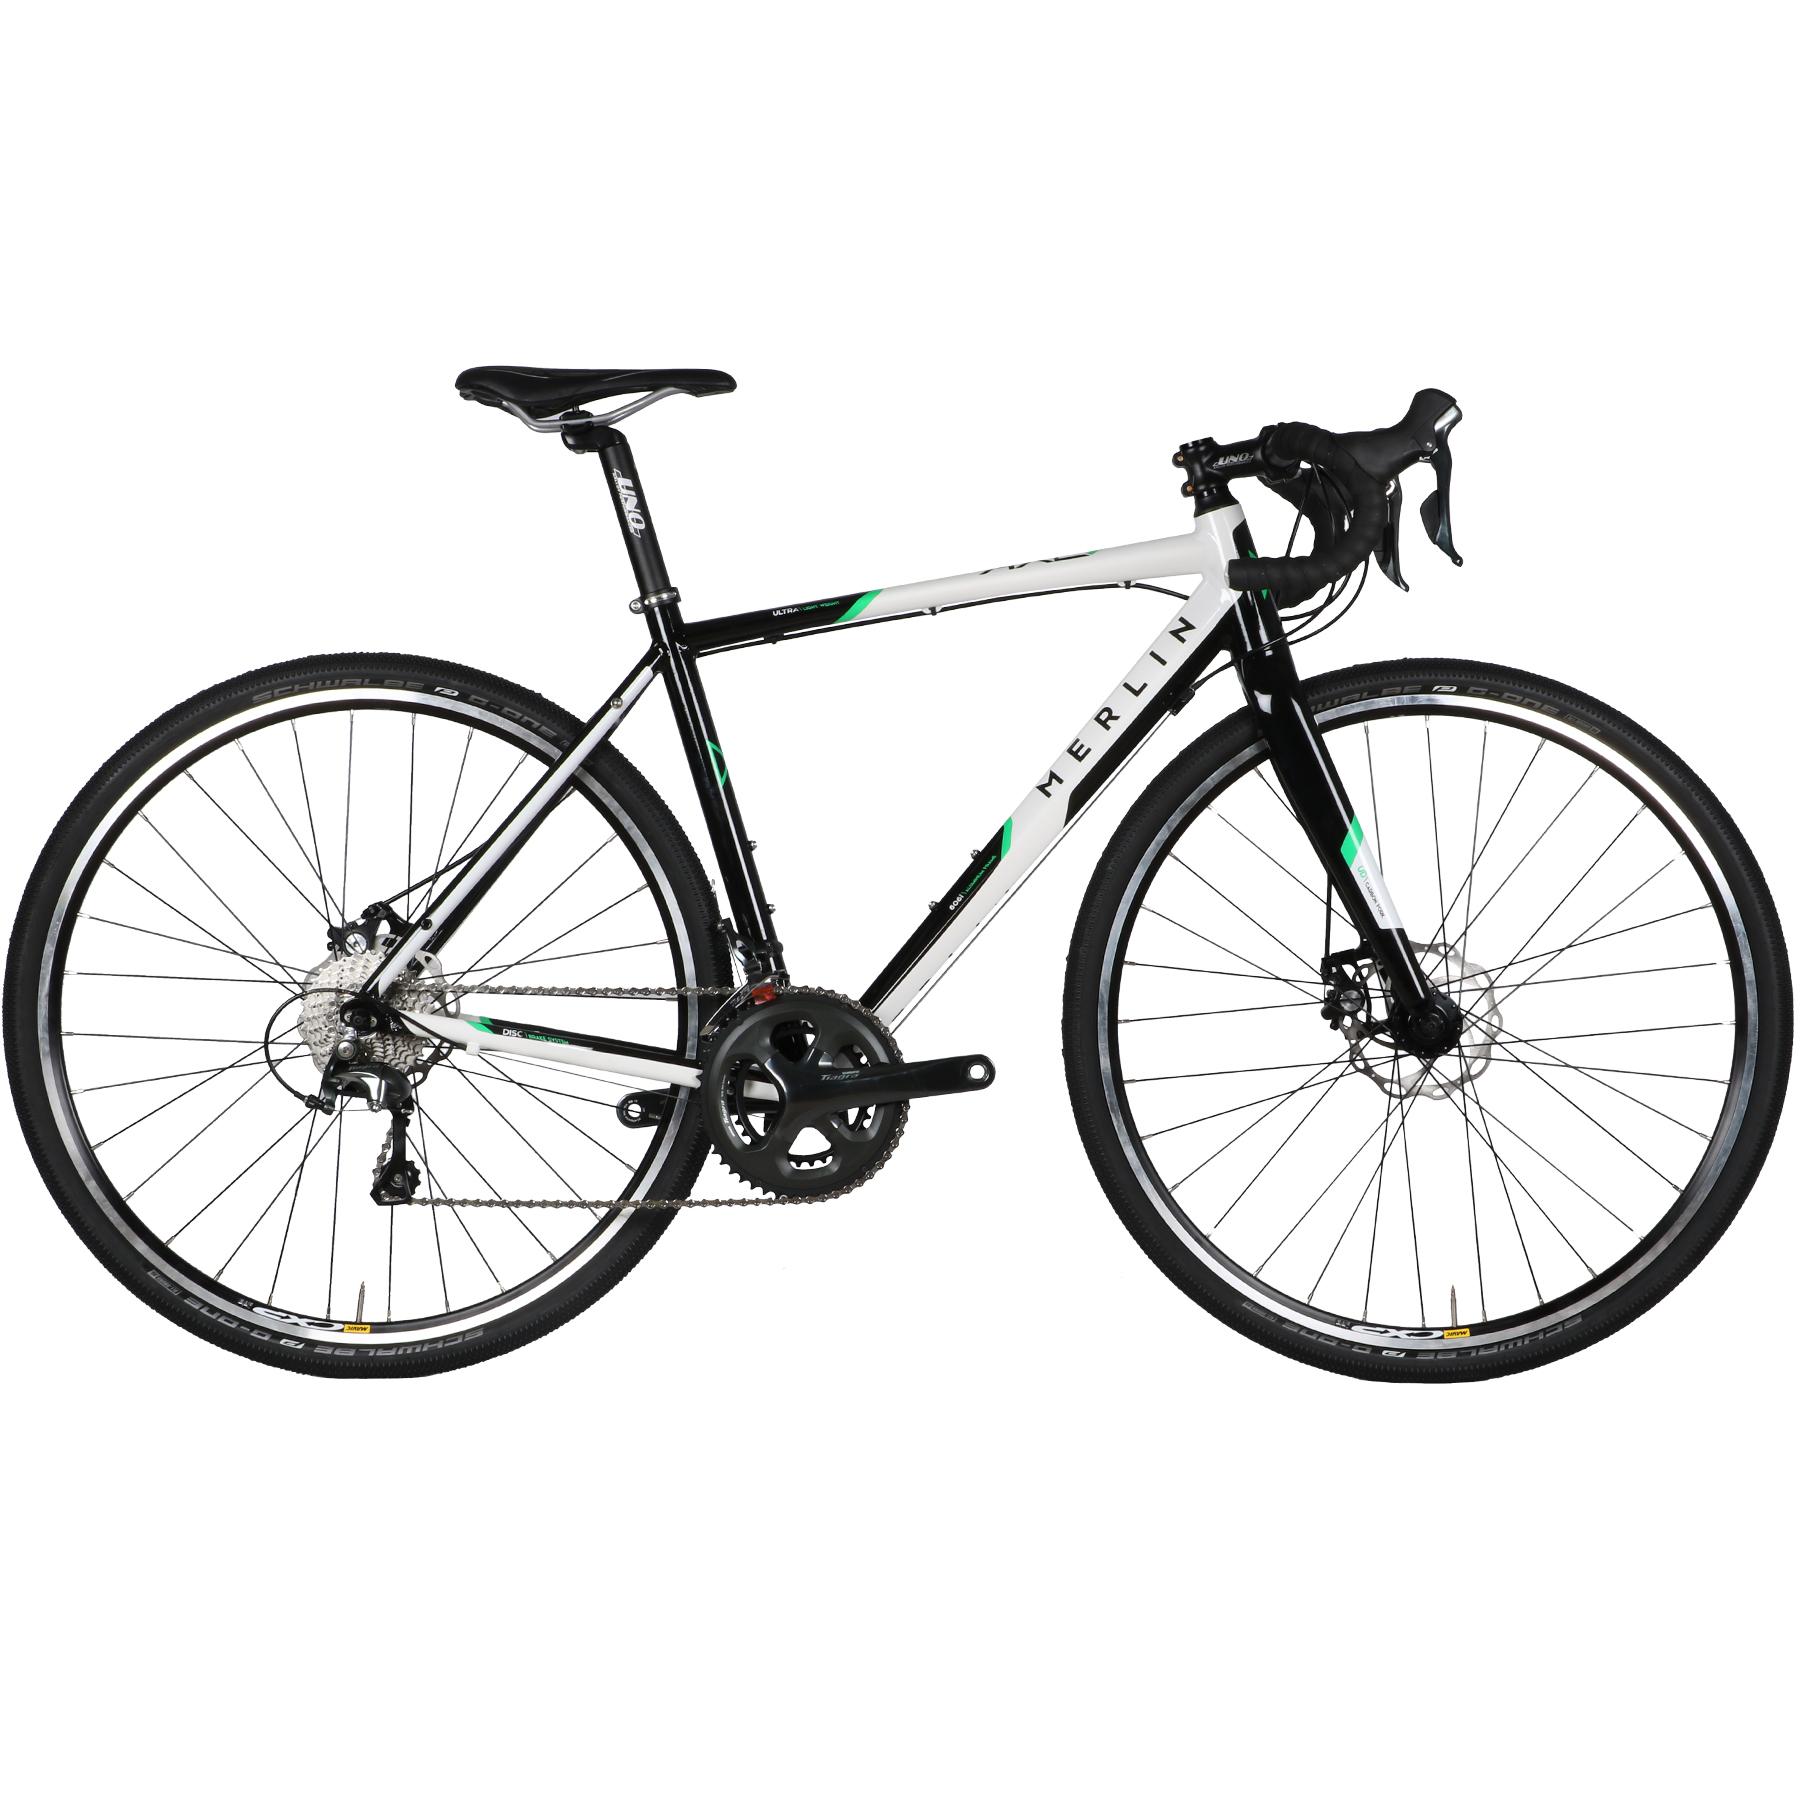 Merlin Axe7 Tiagra Gravel Bike - 2017